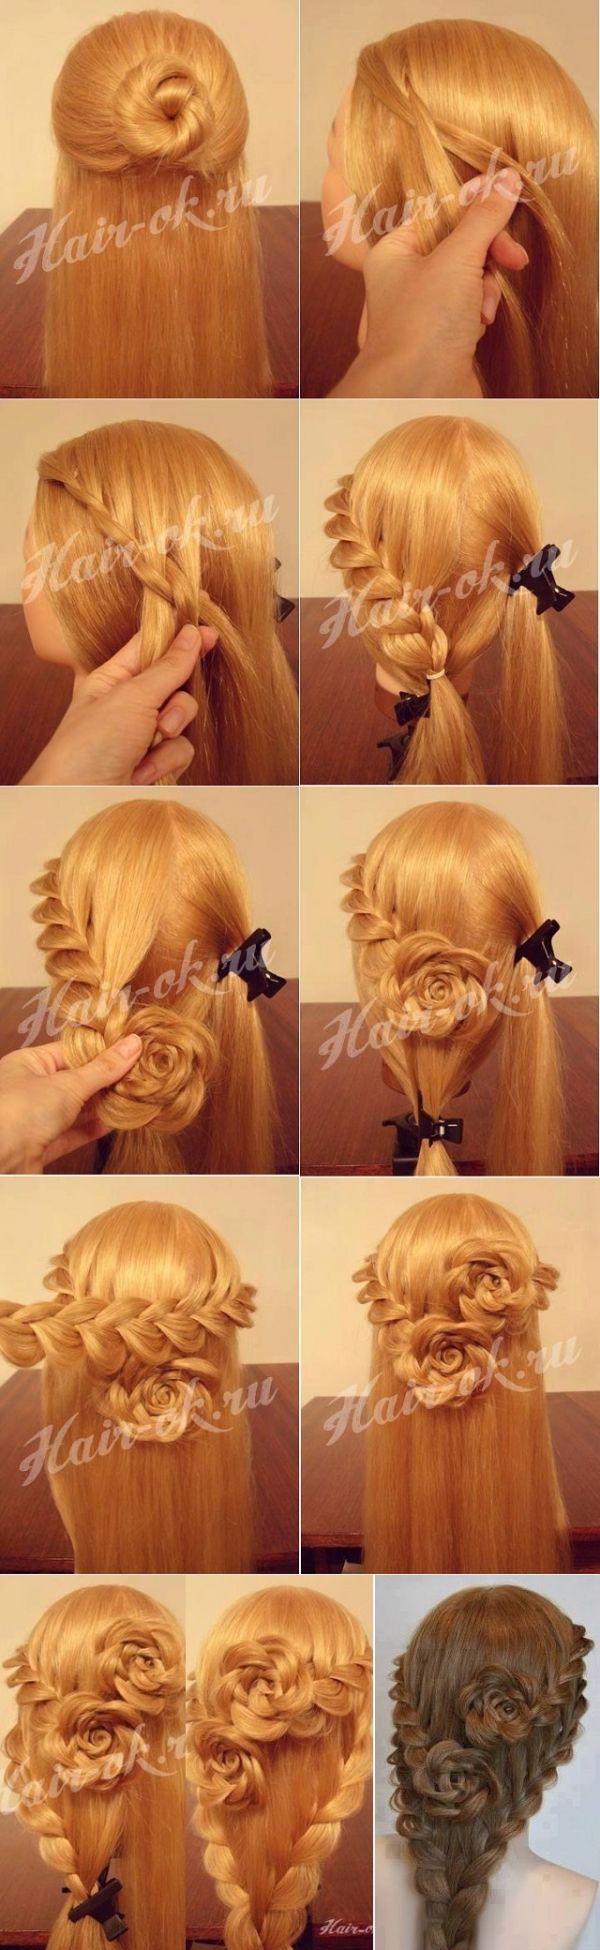 rose bud flower braid hairstyle tutorial1 Rose Bud Flower Braid Hairstyle Tutorial